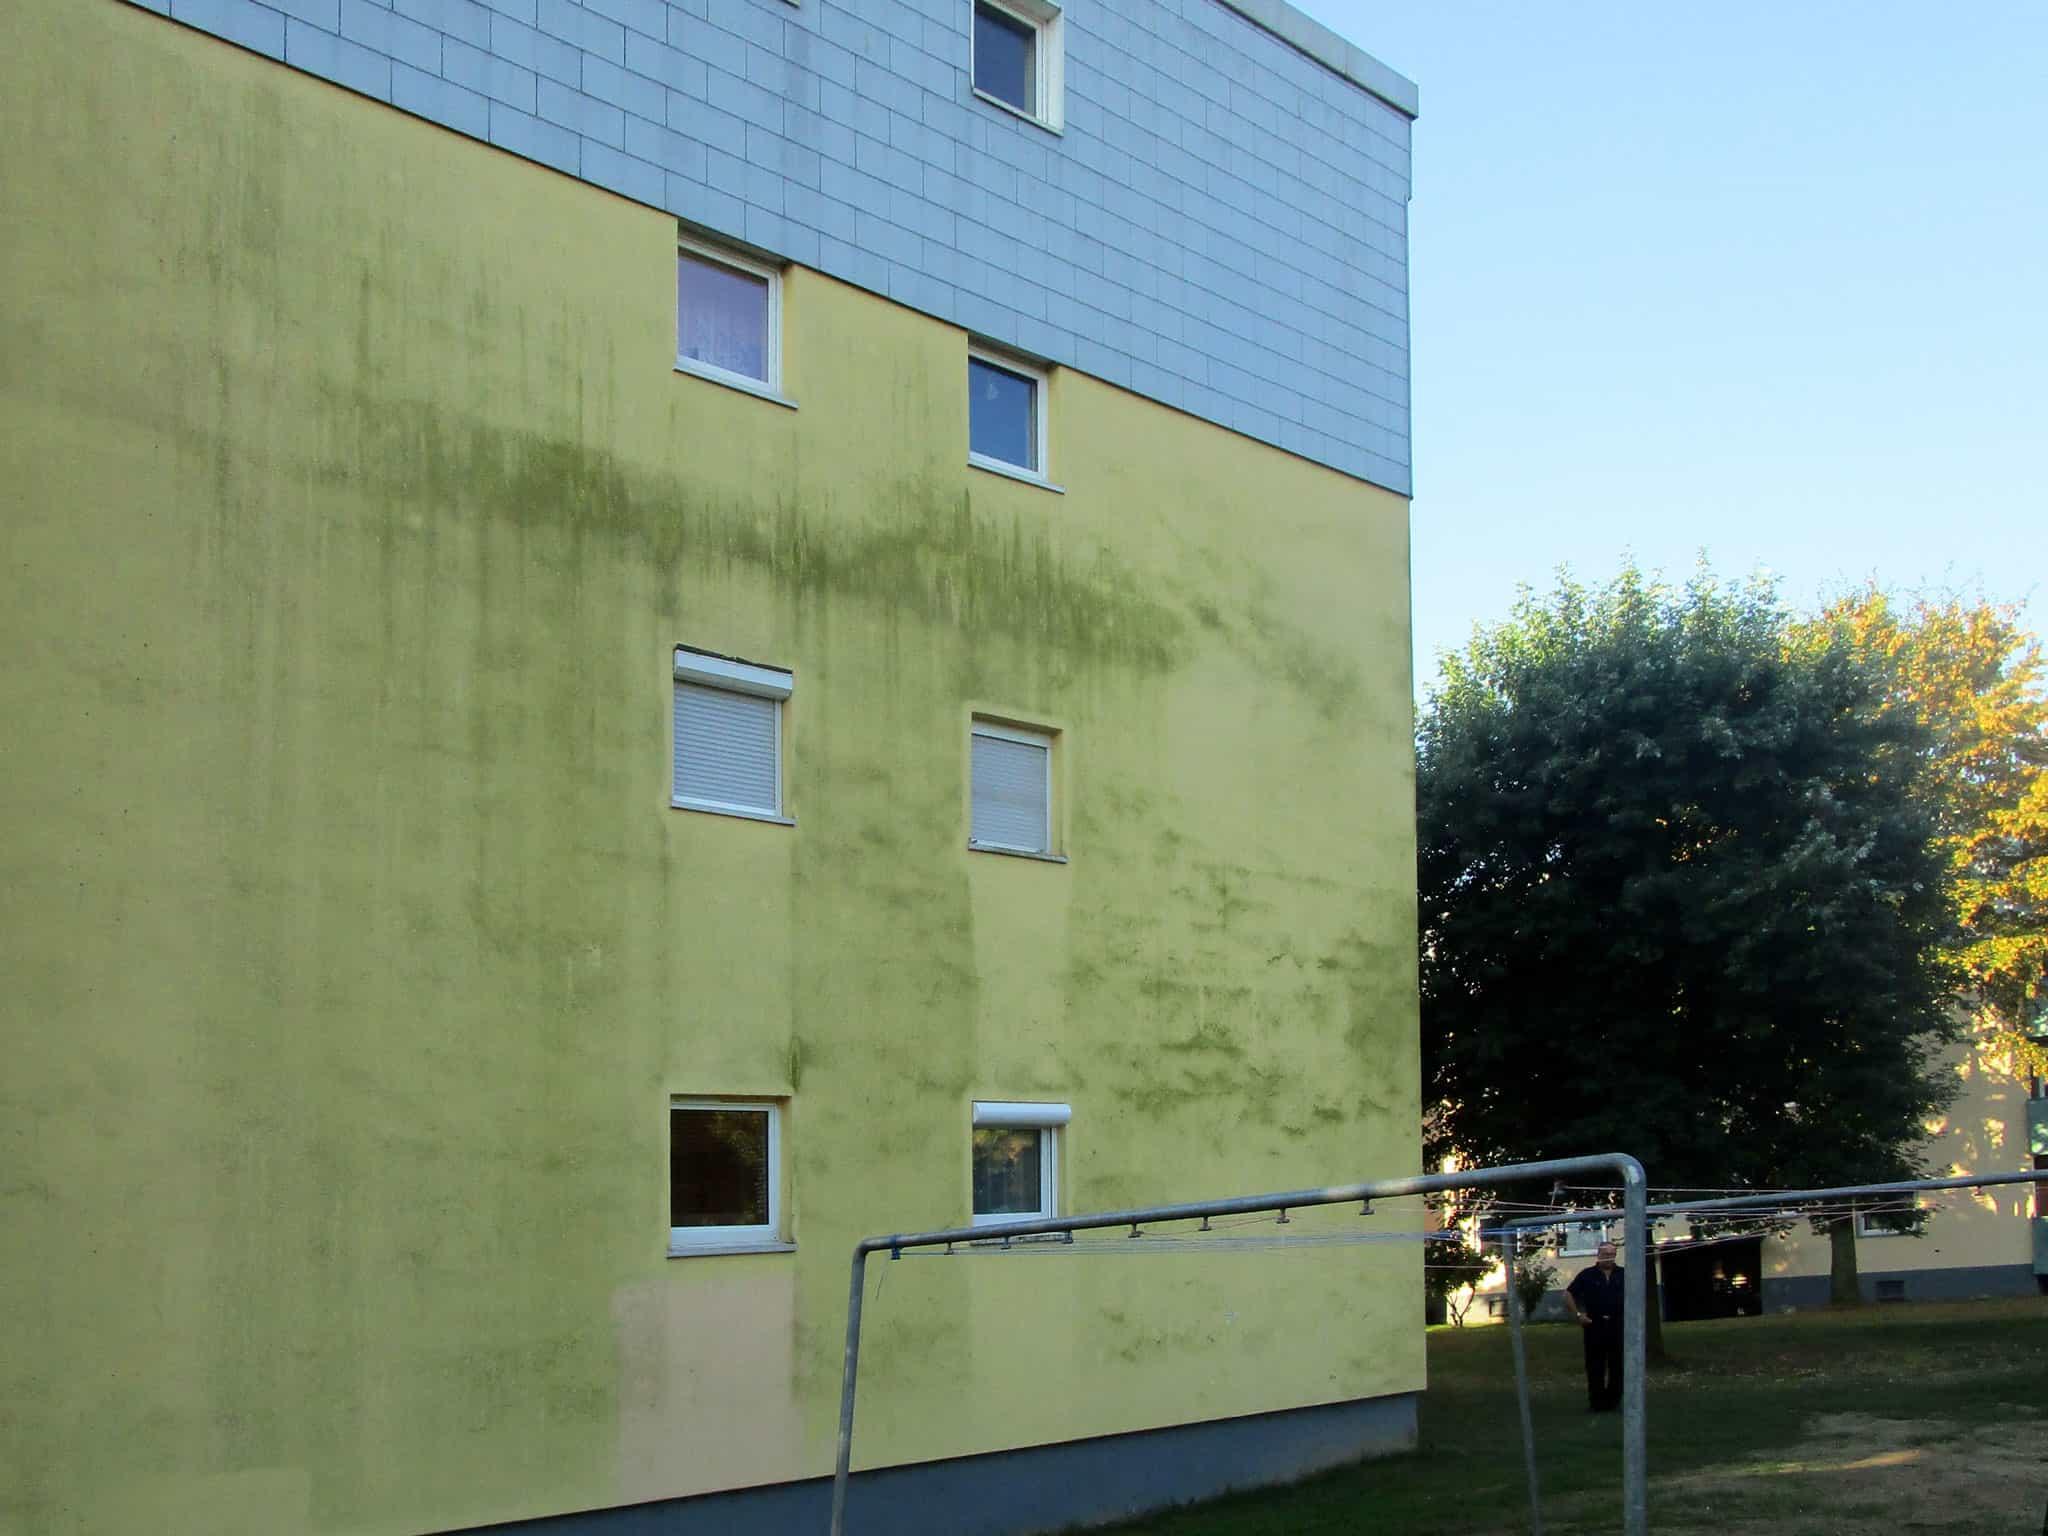 Fassade mit Grünalgen verschmutzt (15 Jahre alt)